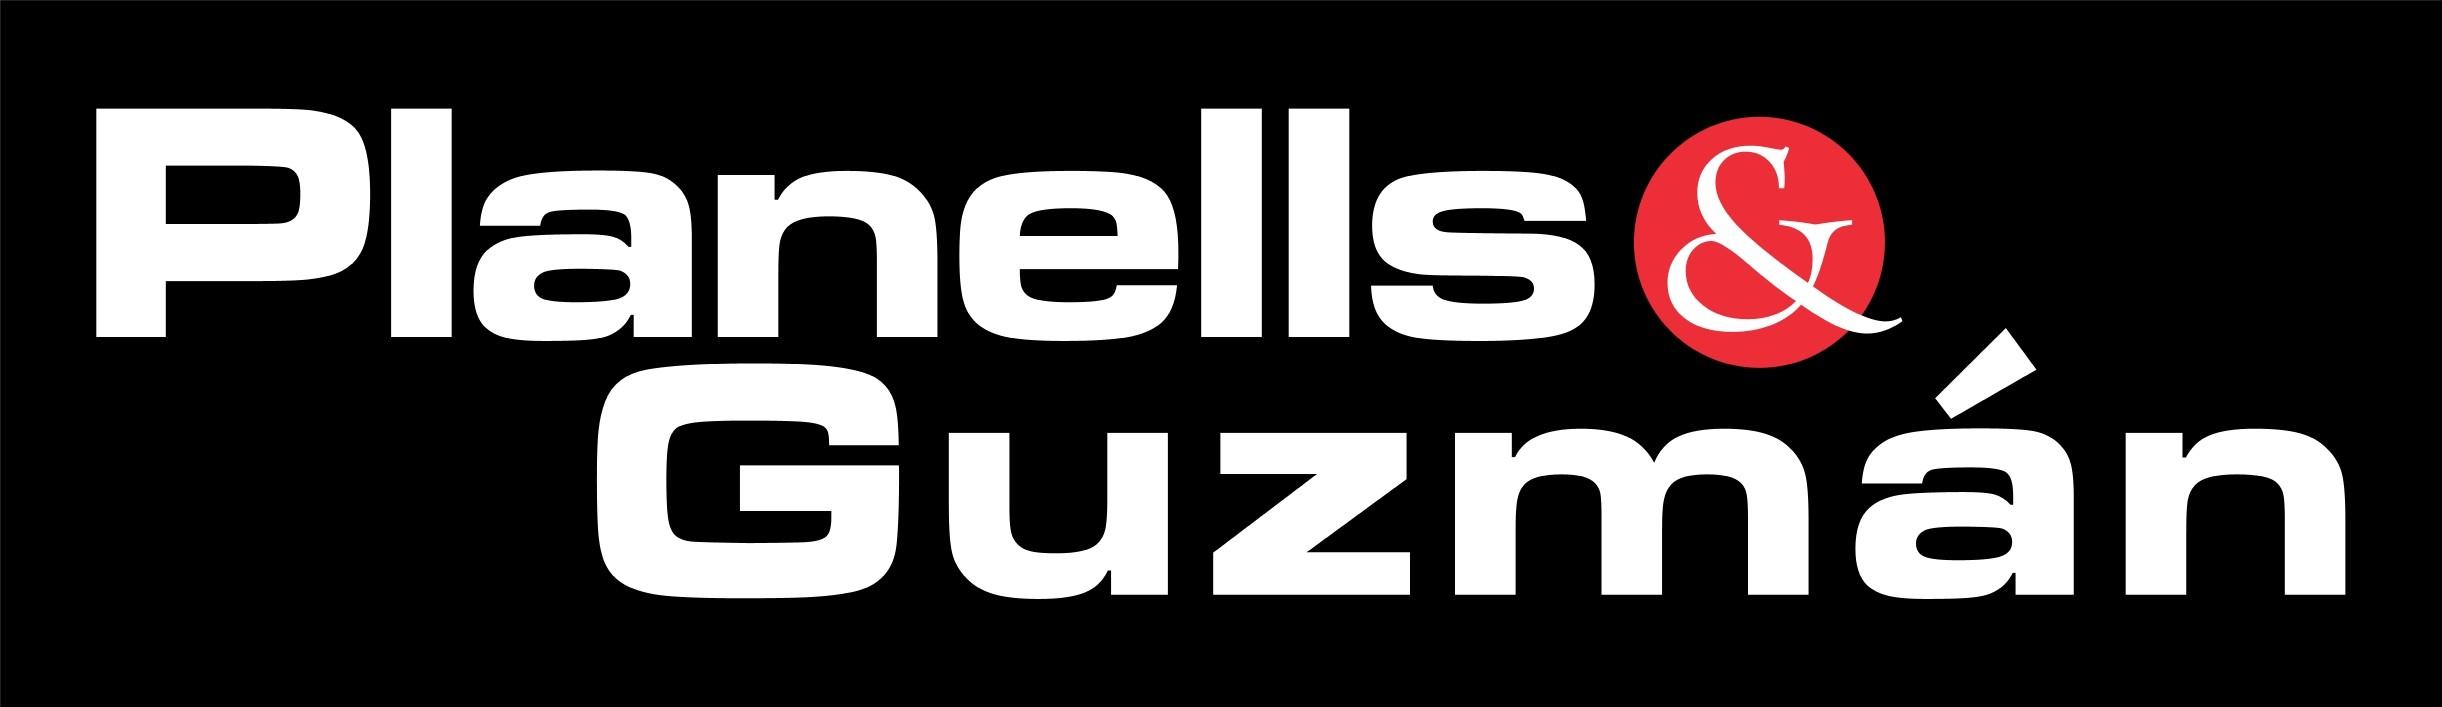 Planells & Guzmán